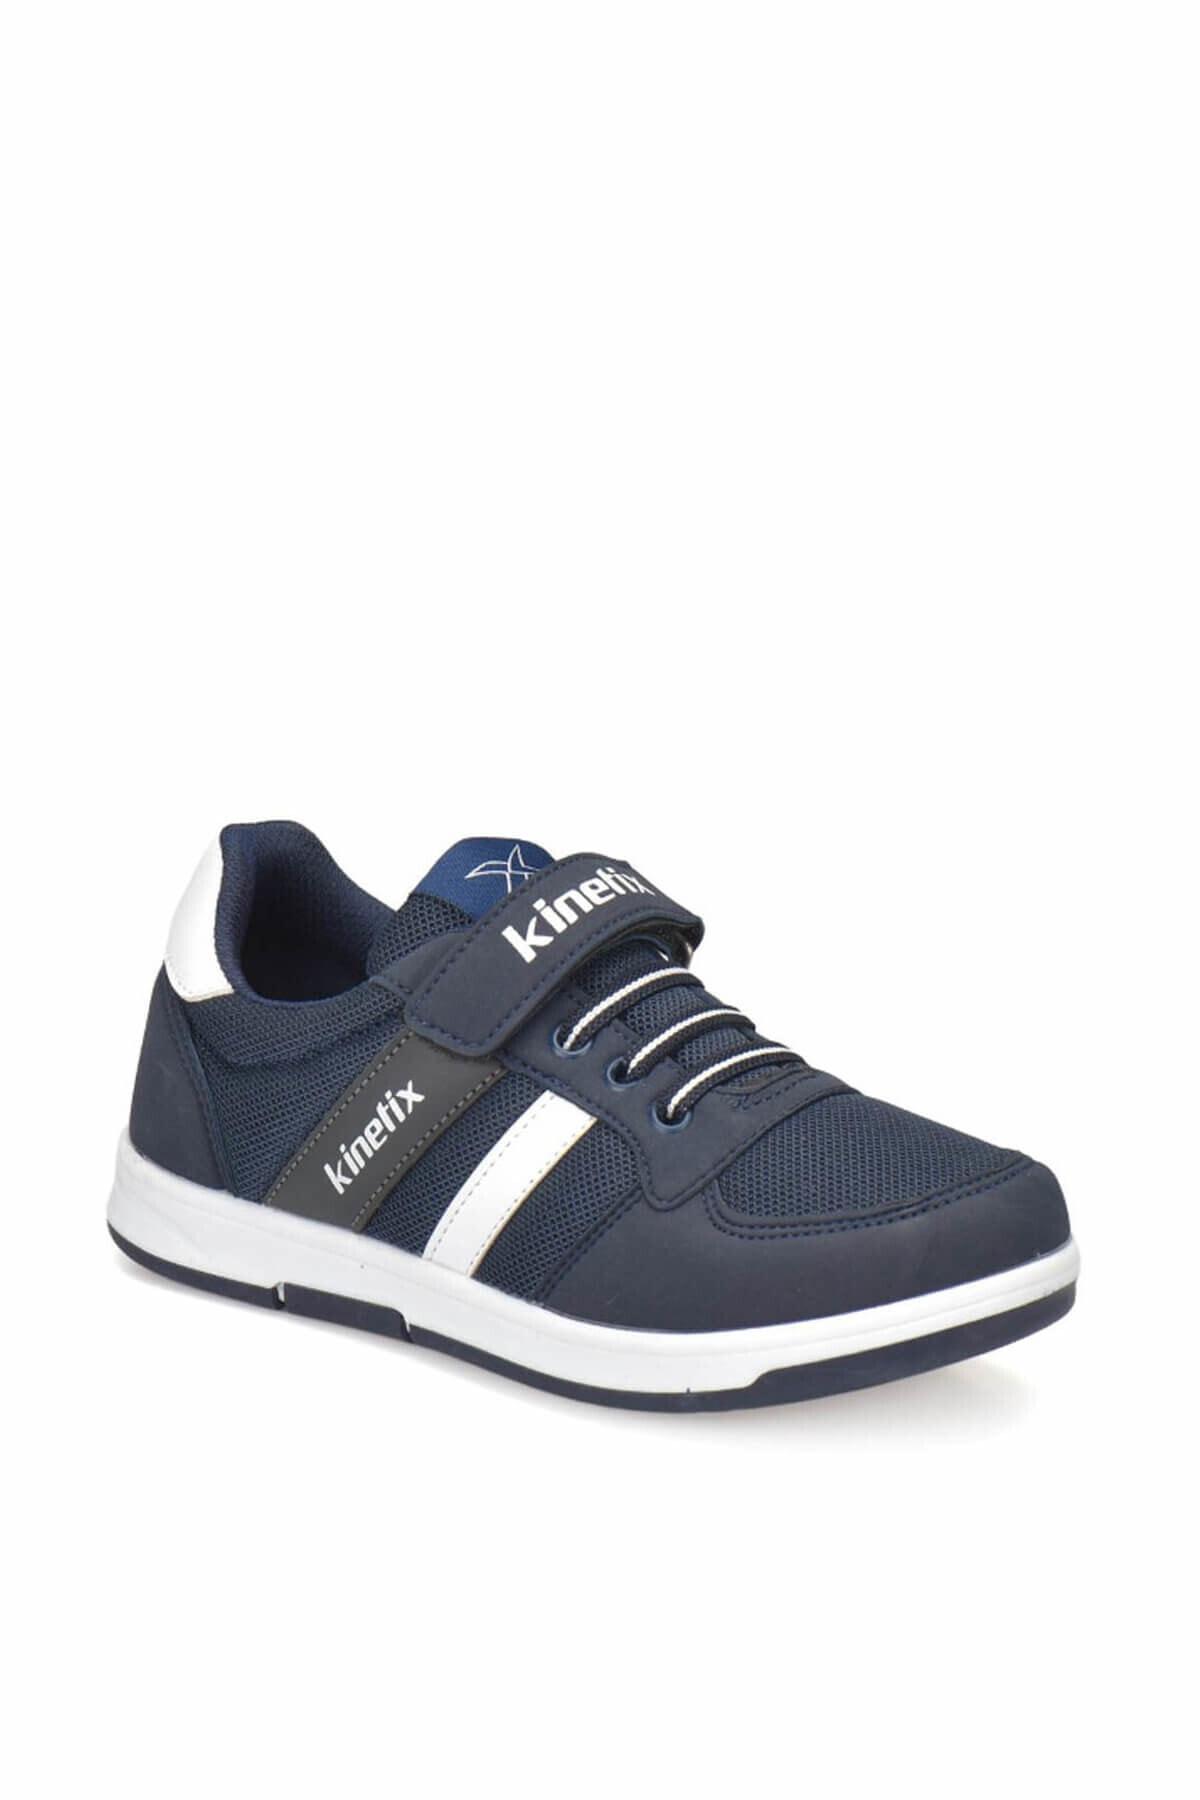 Kinetix UPTON Lacivert Gri Beyaz Erkek Çocuk Sneaker 100232943 1